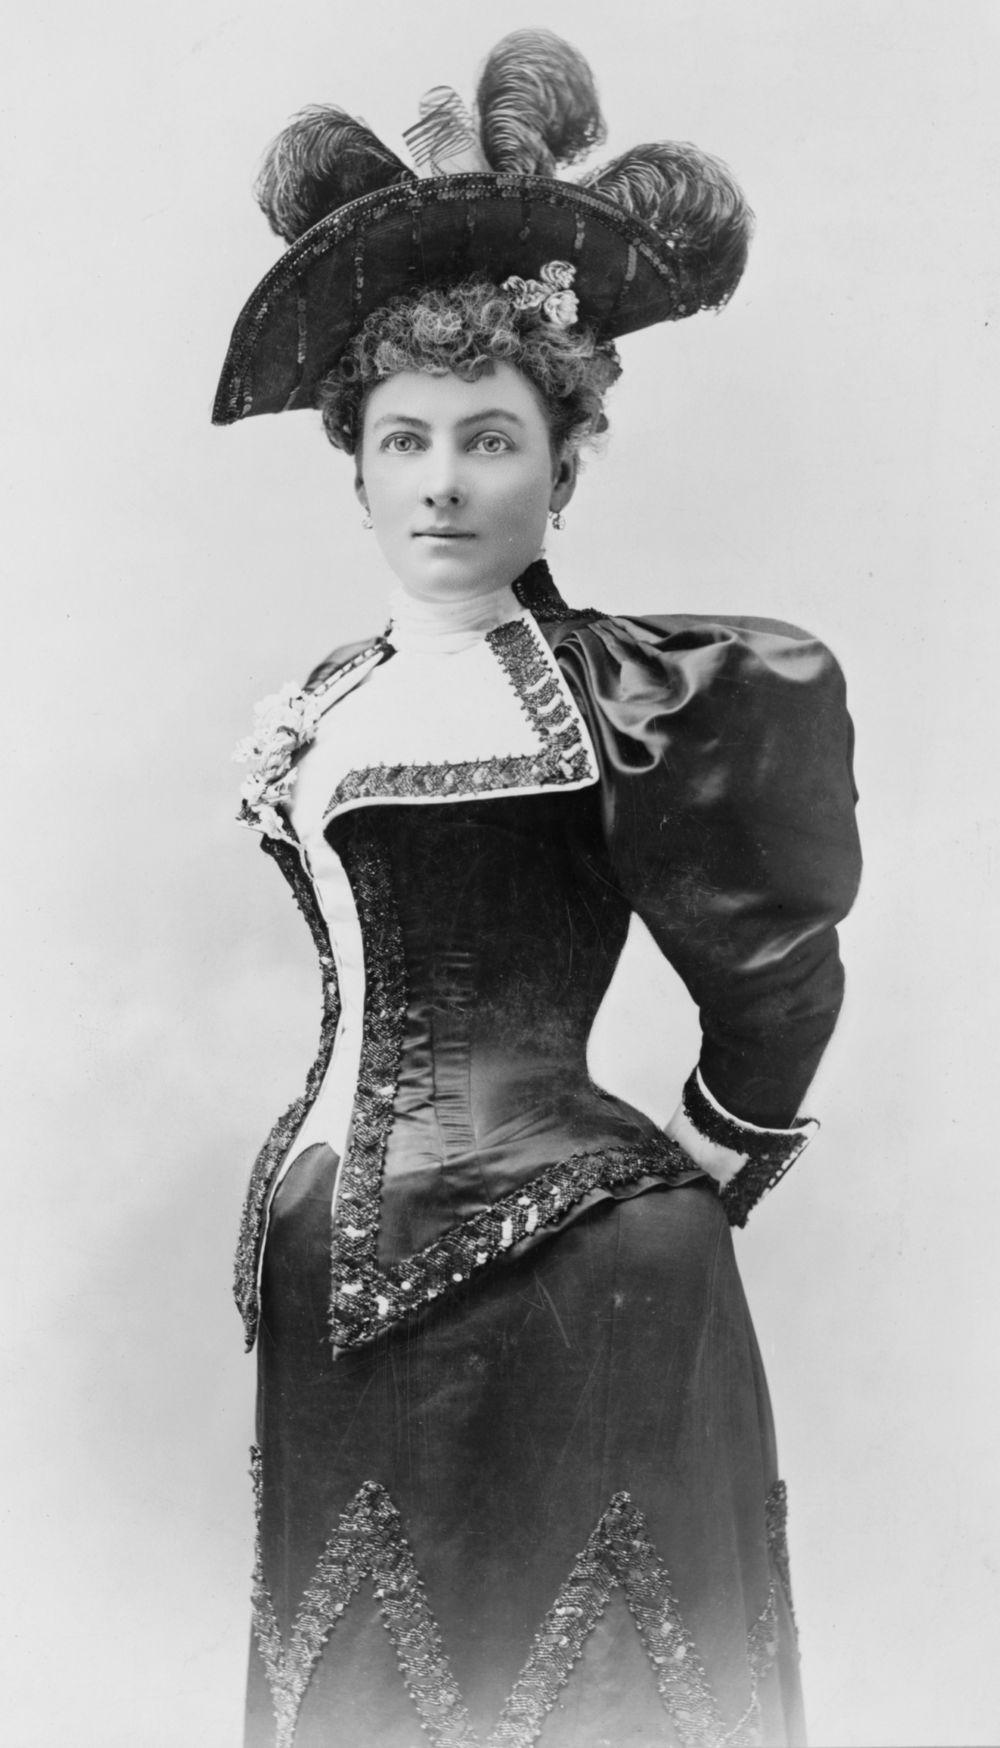 Laura Jean Libbey